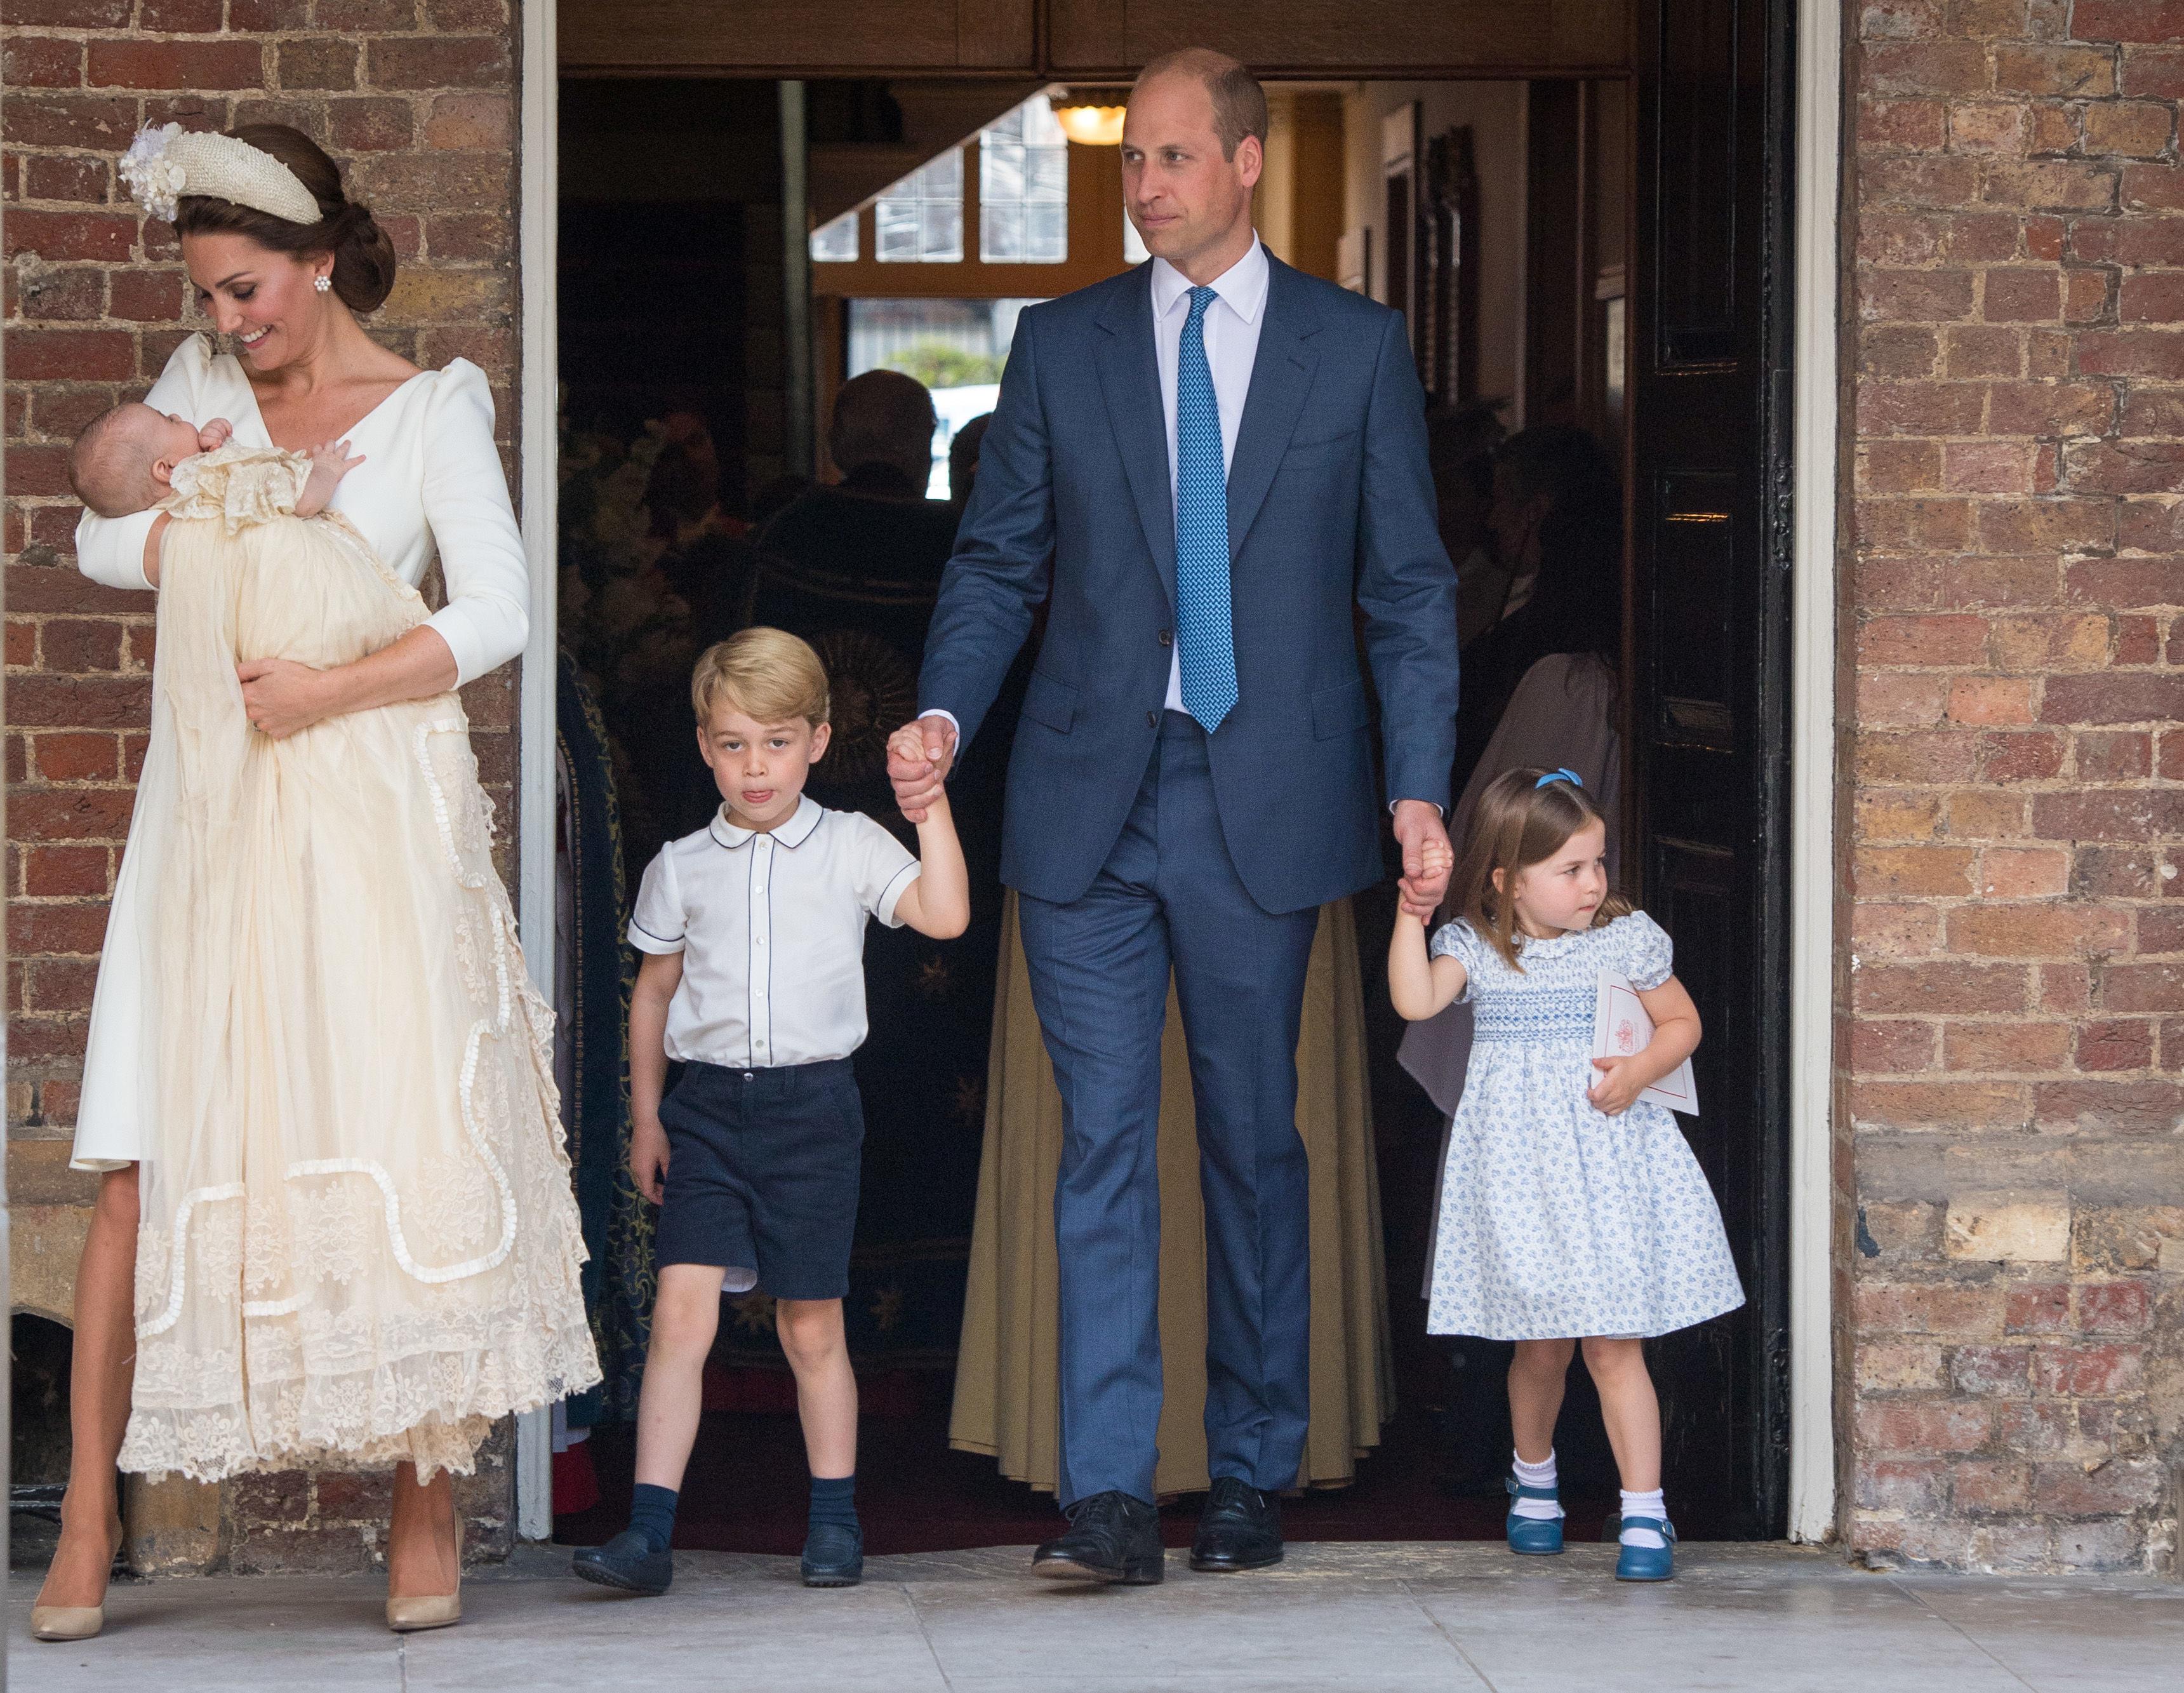 Όσα έγιναν στη βάφτιση του πρίγκιπα Louis, οι νονοί και η απουσία της βασίλισσας Ελισάβετ